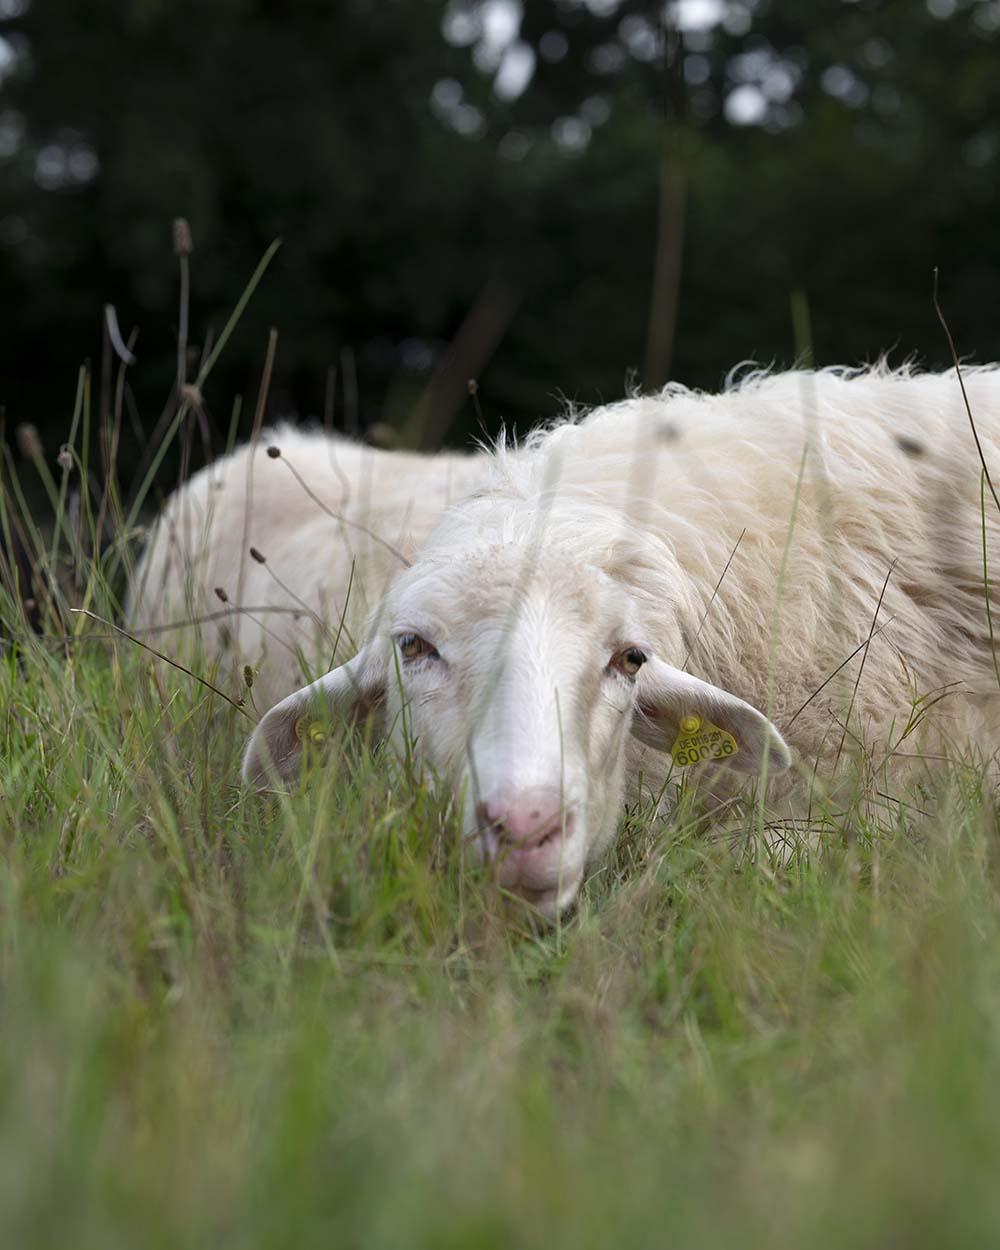 Ein Schaf liegt auf der Schwafweide im Gras